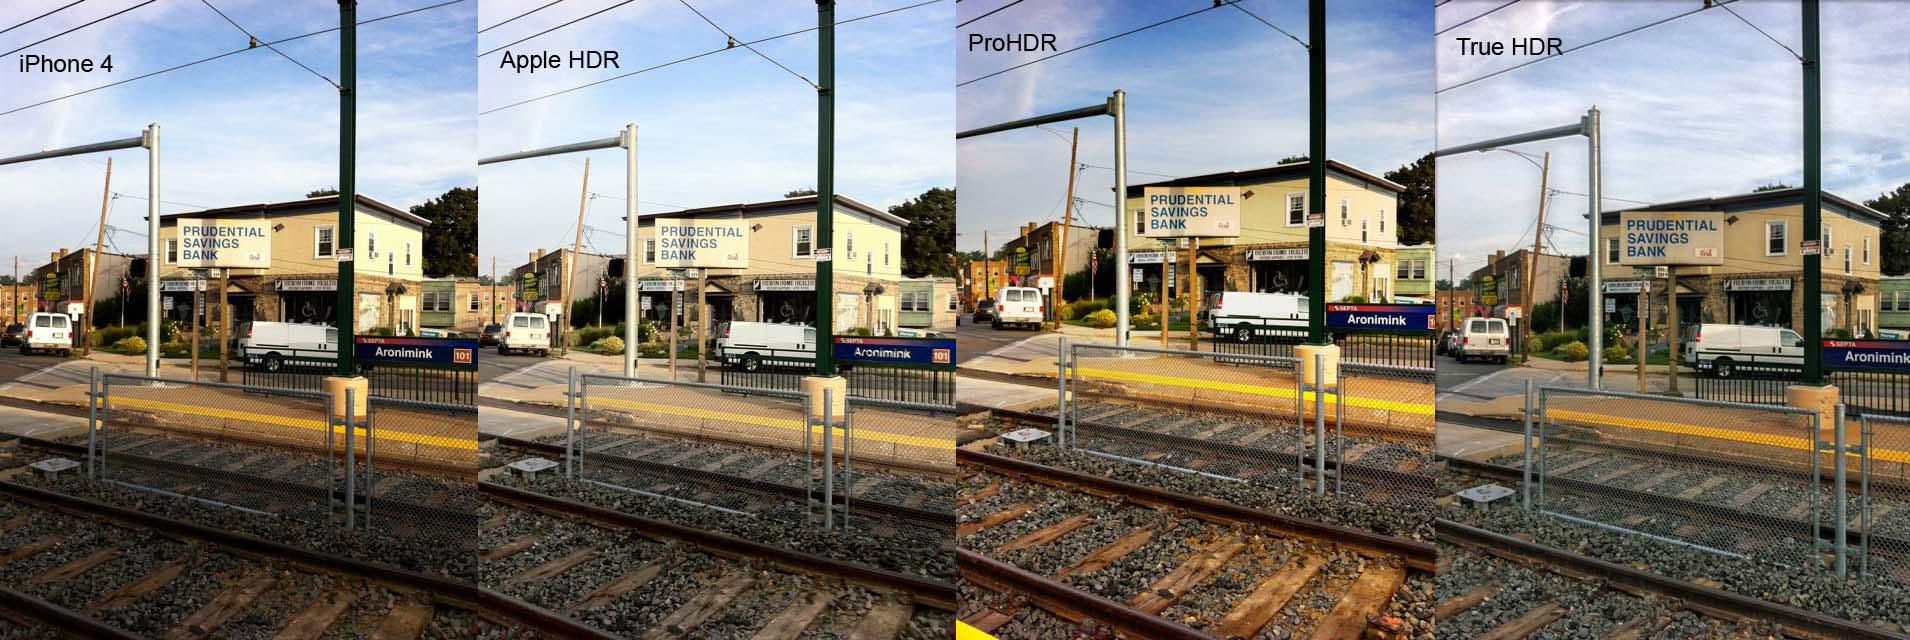 Migliori App per foto HDR con iPhone